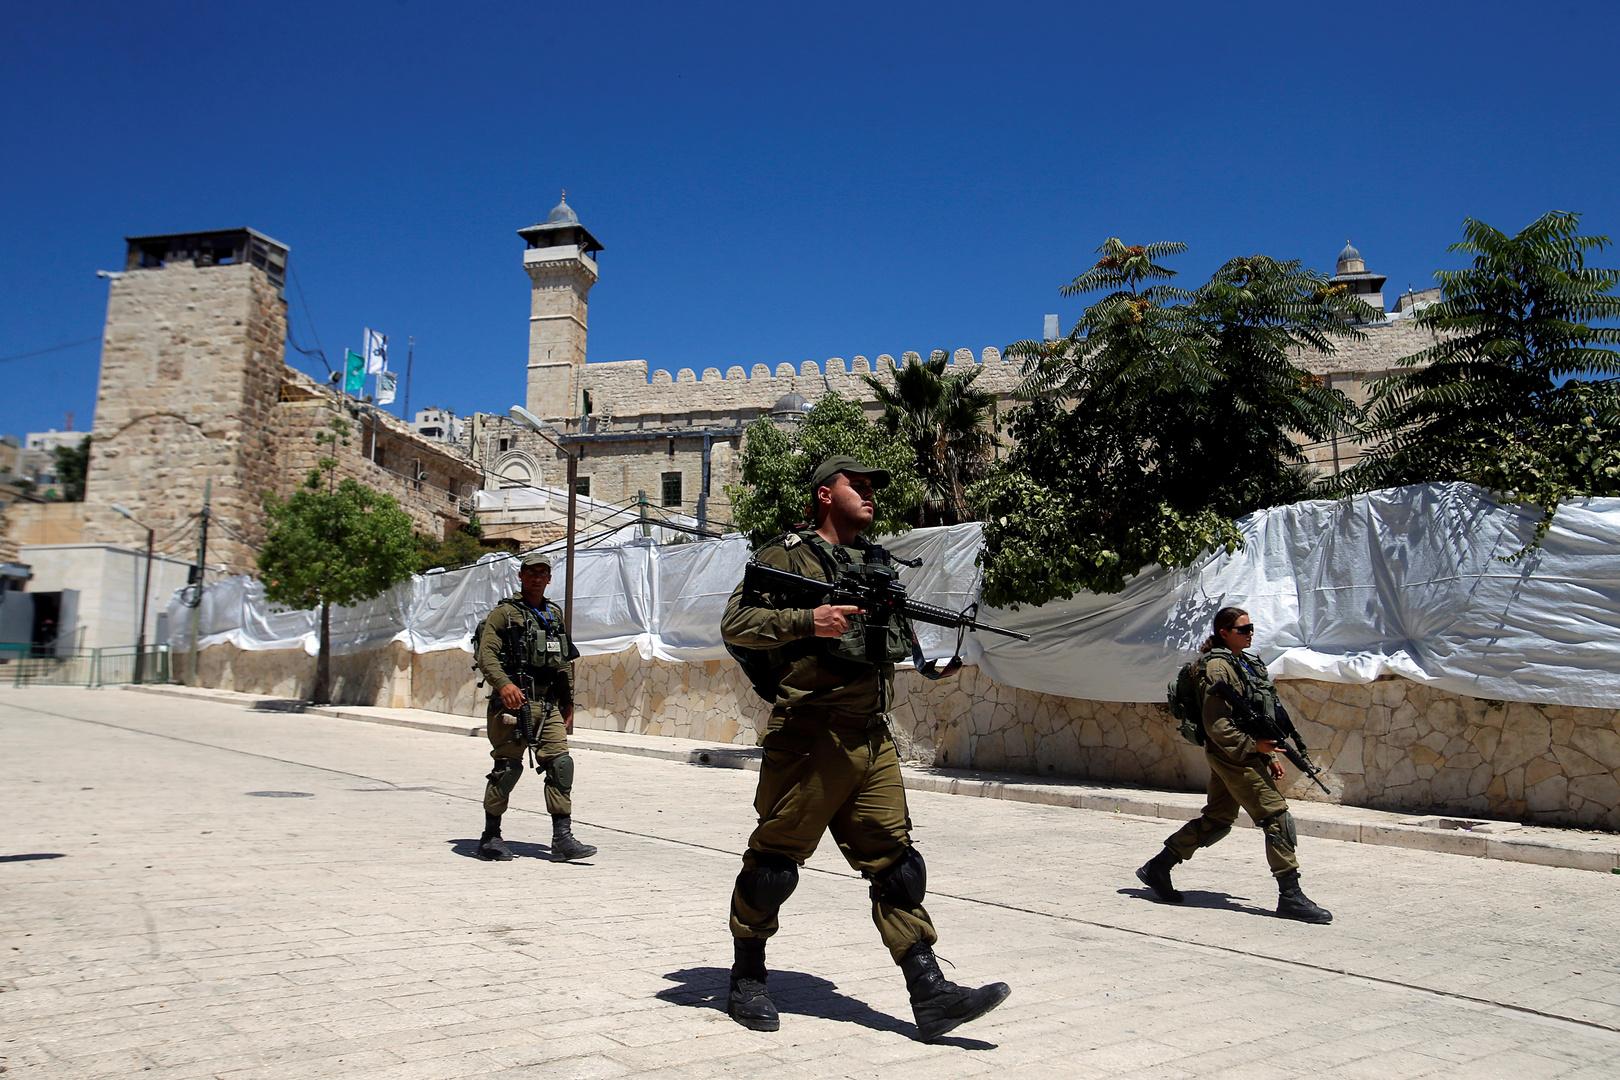 الجيش الإسرائيلي يطلق النار على فلسطيني بدعوى تنفيذه عملية دهس قرب رام الله